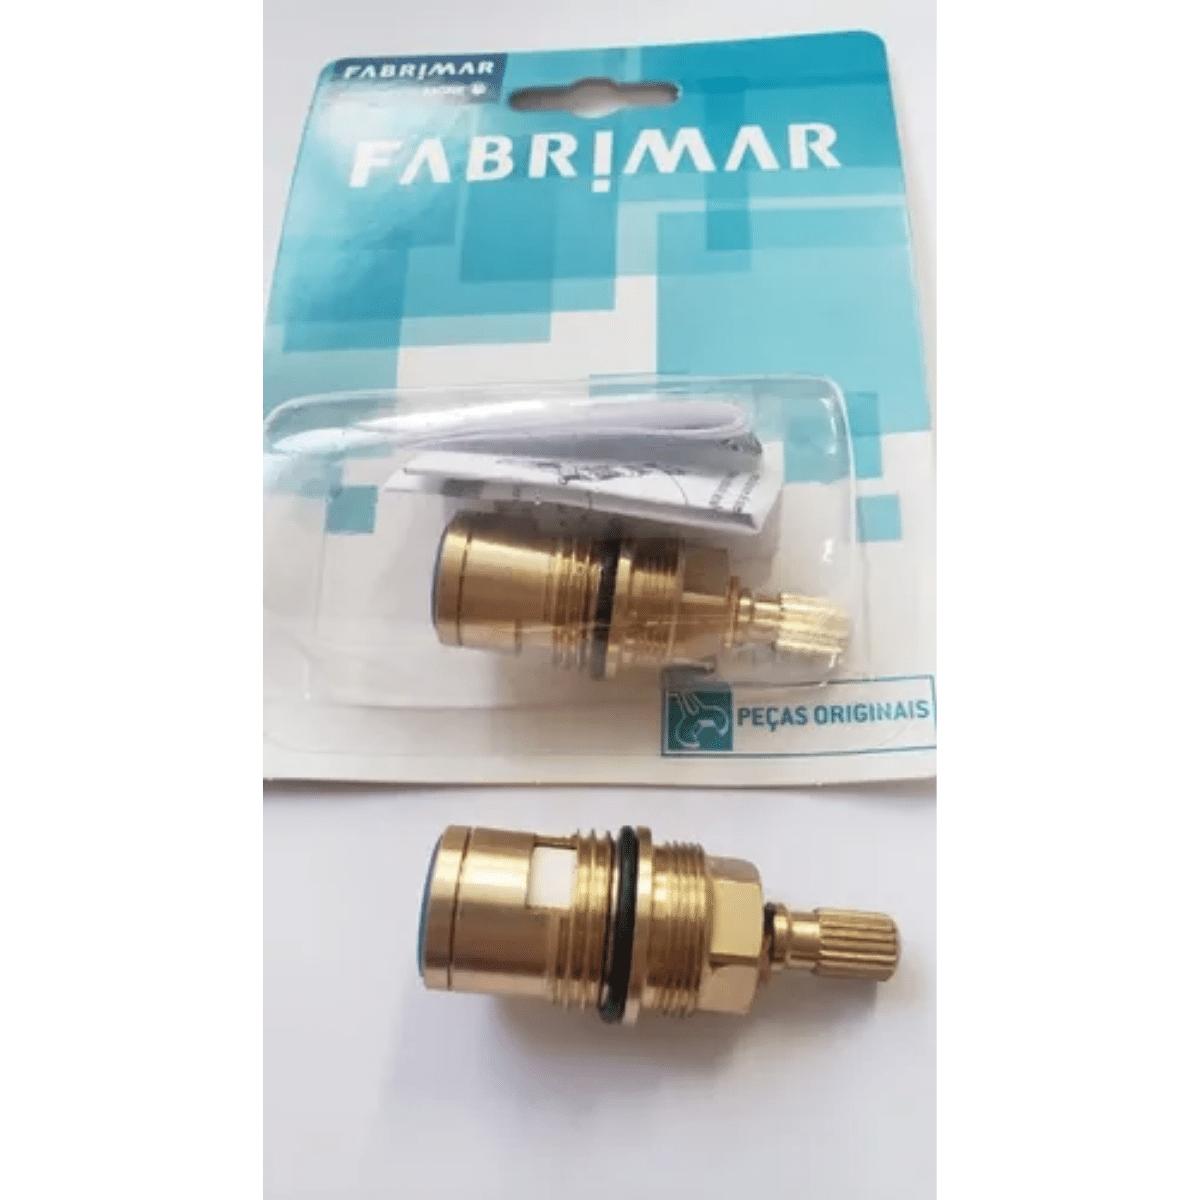 Reparo Misturador Fabrimar 1/4 Volta Fechamento Horário 02102